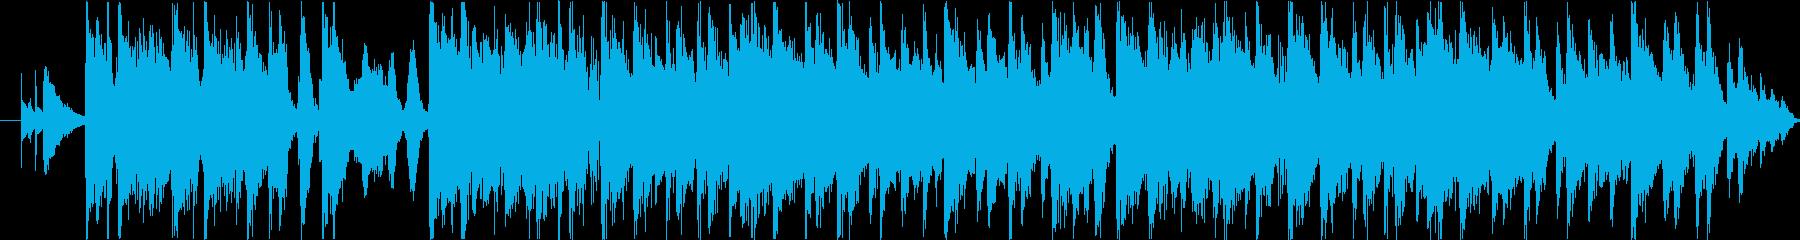 フュージョン風おしゃれジングルの再生済みの波形